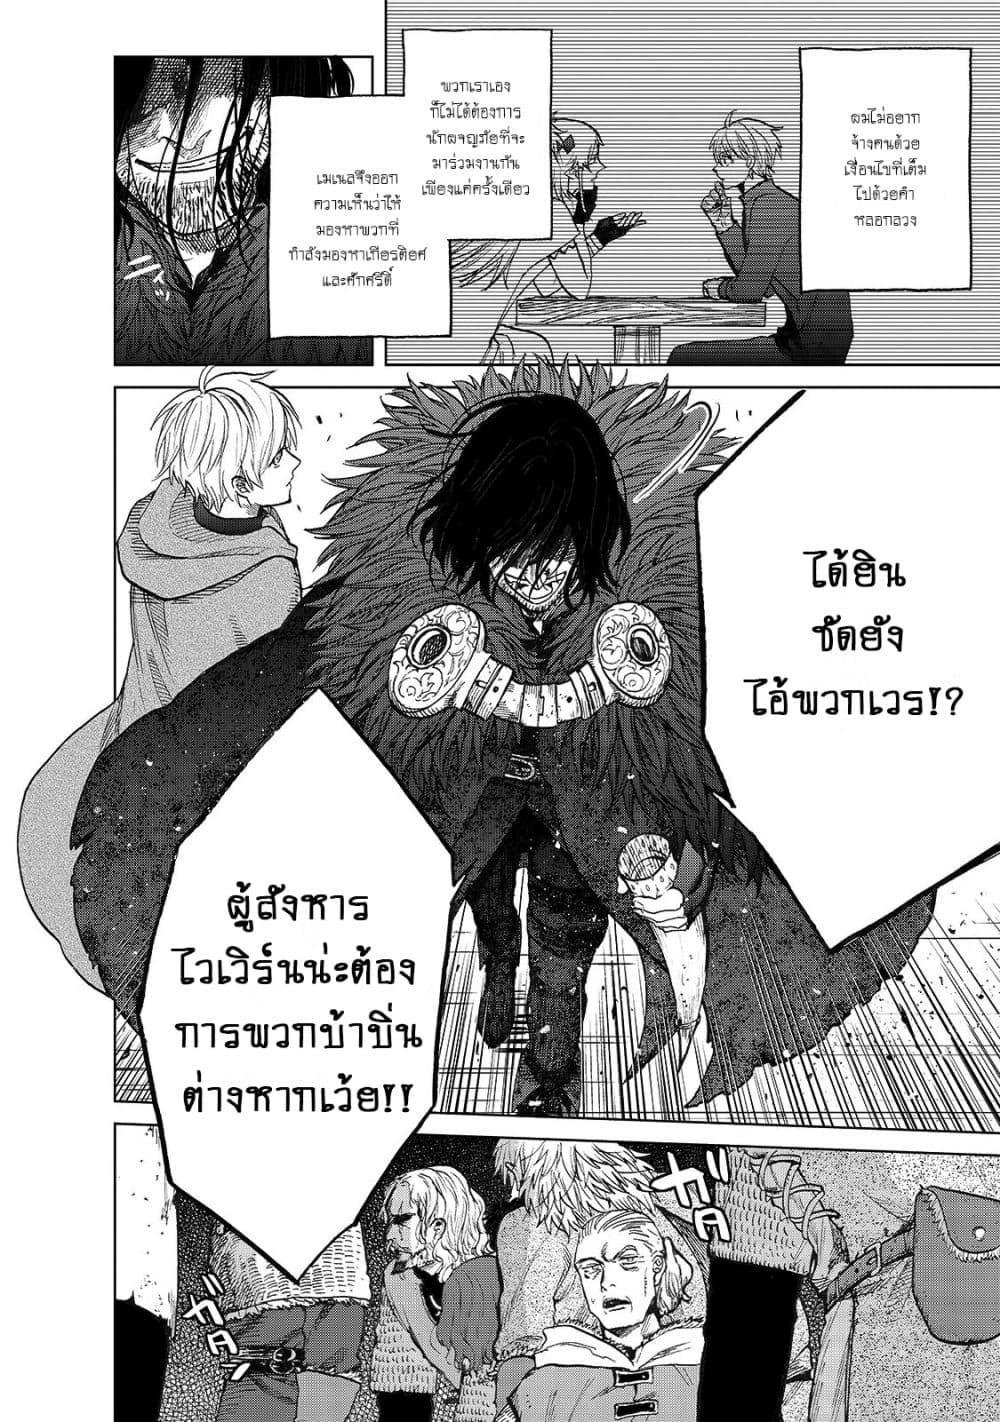 อ่านการ์ตูน Saihate no Paladin ตอนที่ 22 หน้าที่ 28